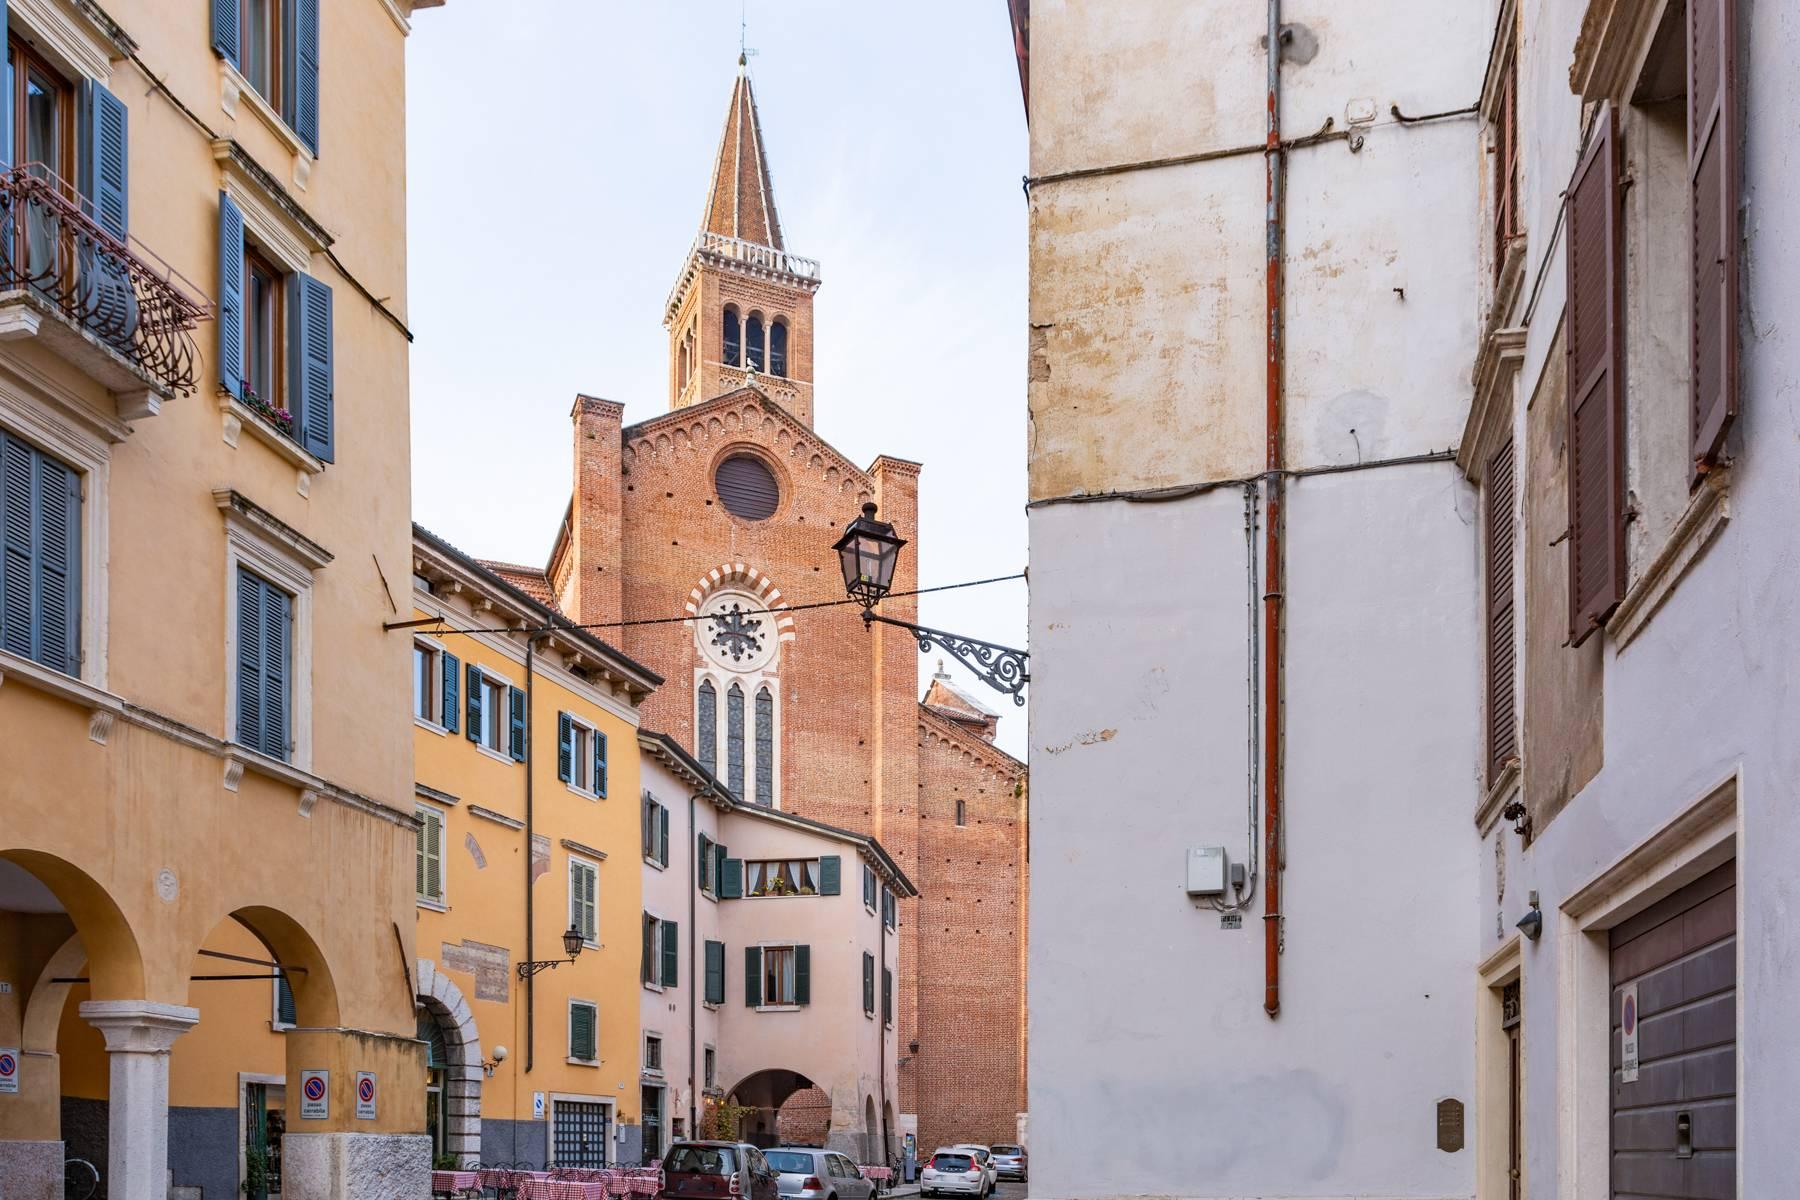 Attico in Vendita a Verona: 5 locali, 185 mq - Foto 3